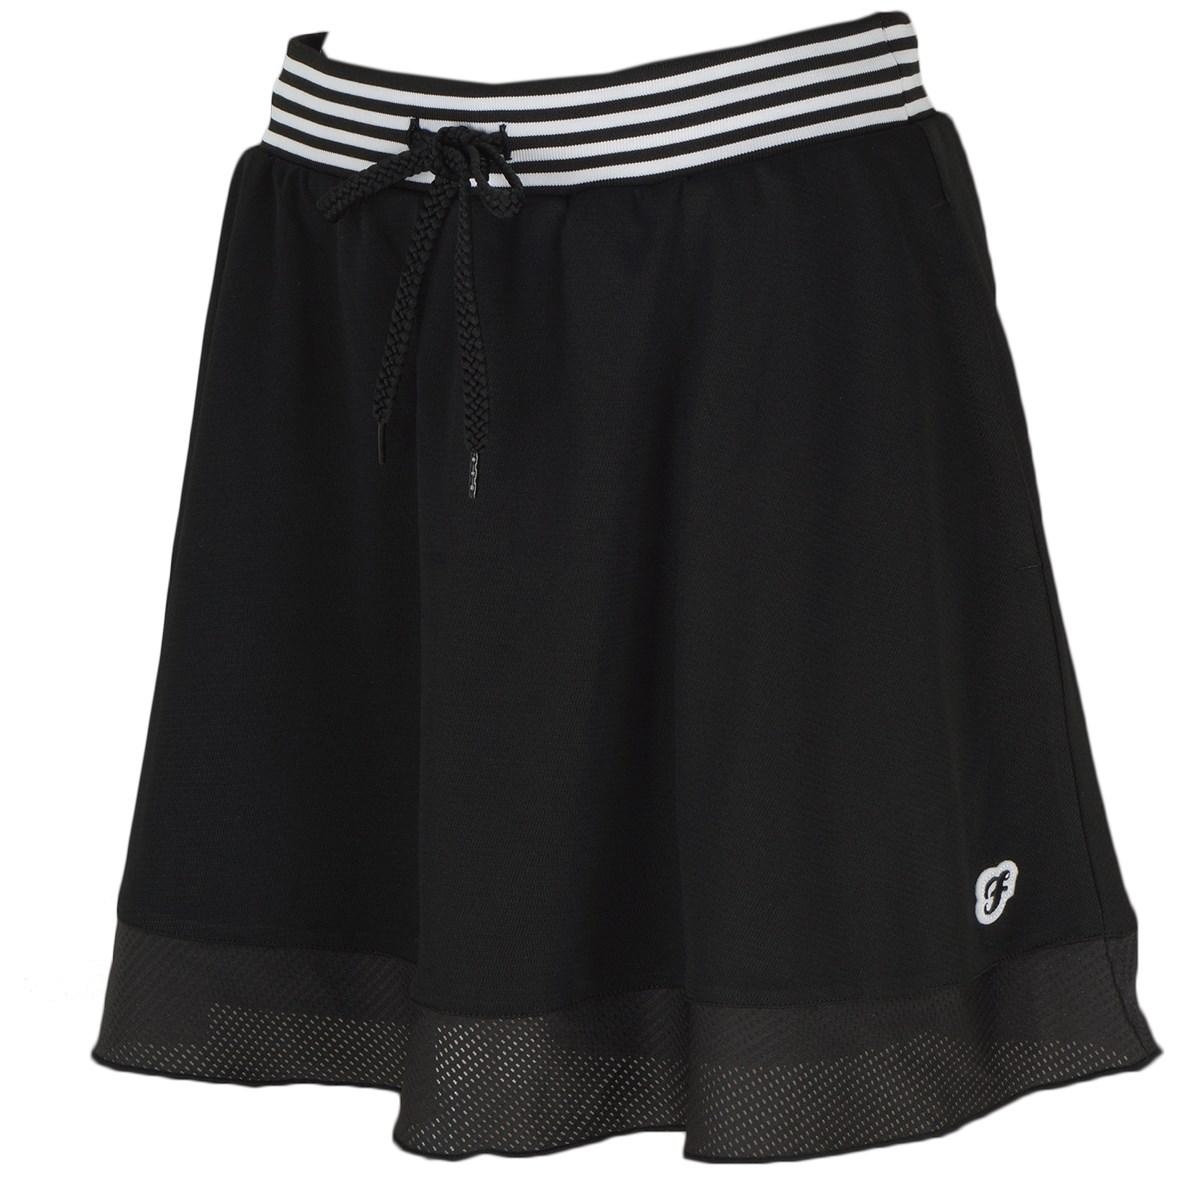 フィラ FILA スカート S ブラック レディス